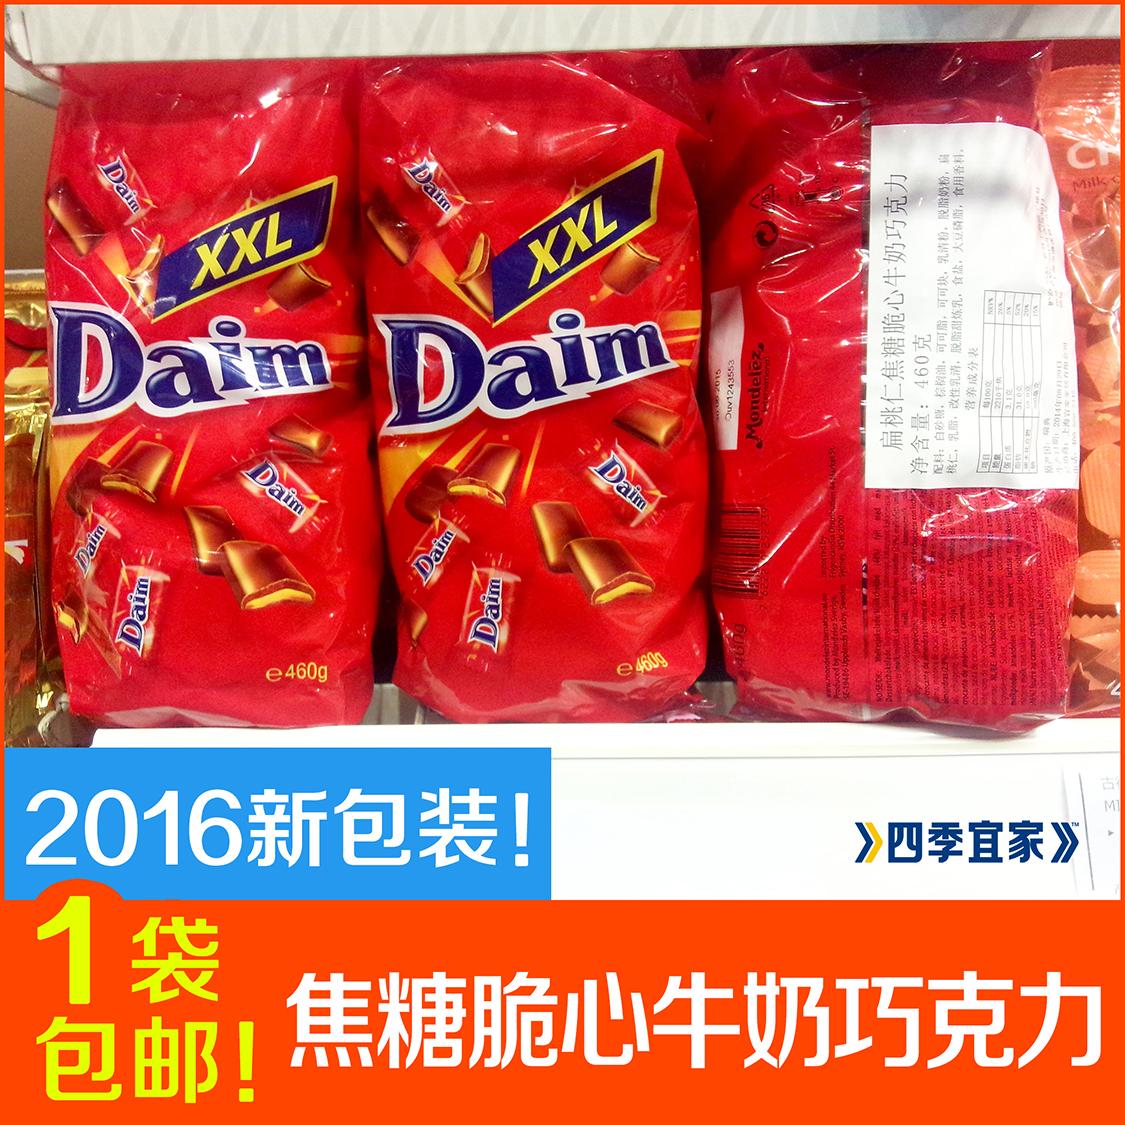 1袋包邮宜家Daim彩色代姆焦糖脆心牛奶巧克力460g亿滋保期16.11月